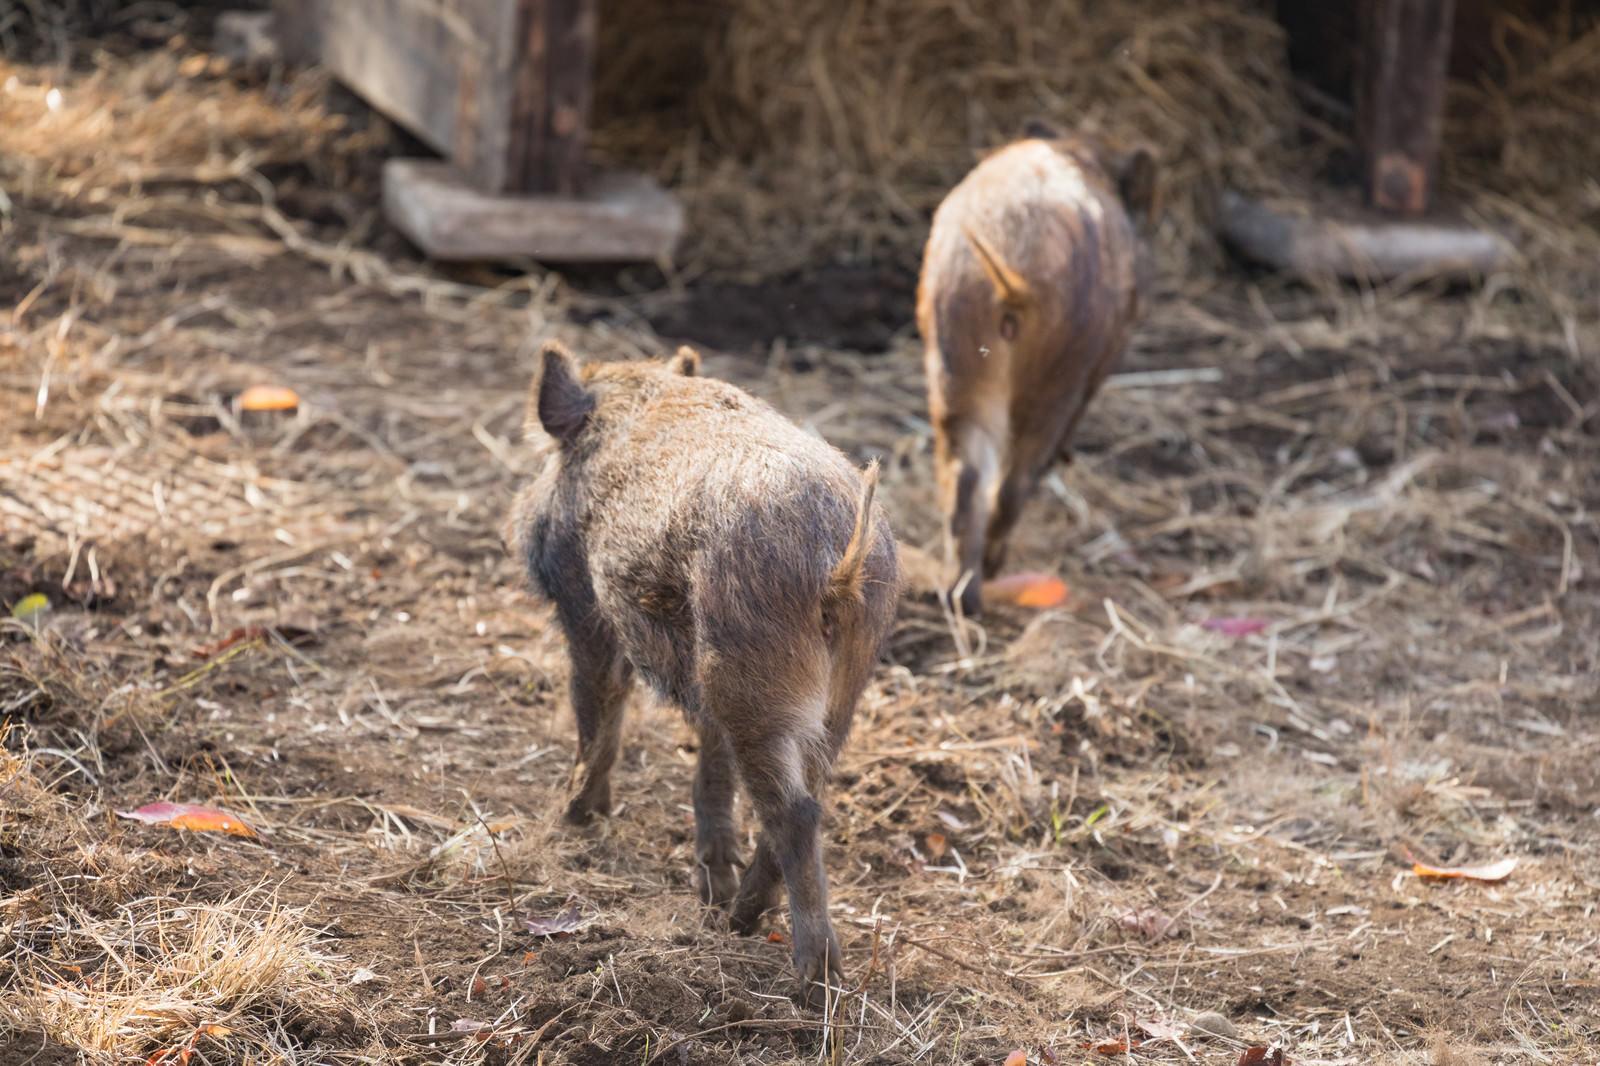 「猪の後ろ姿(2頭)猪の後ろ姿(2頭)」のフリー写真素材を拡大